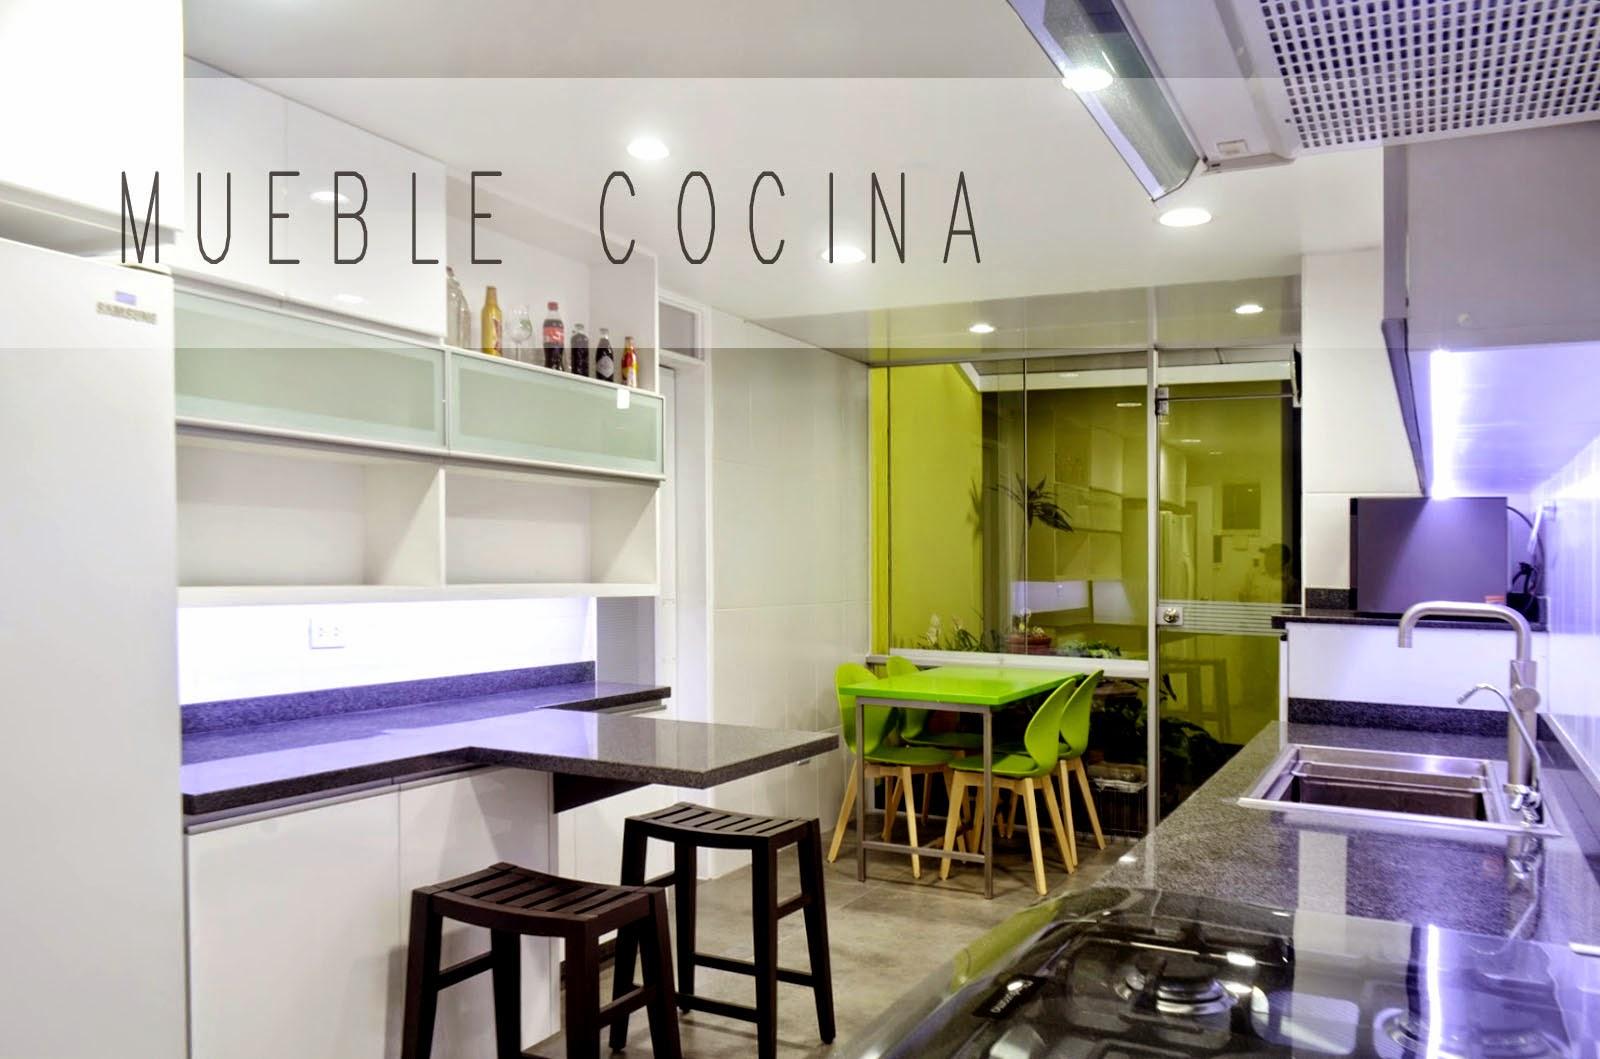 Mueble cocina en melamine y poliuretano for Mueble cocina 7 segundos